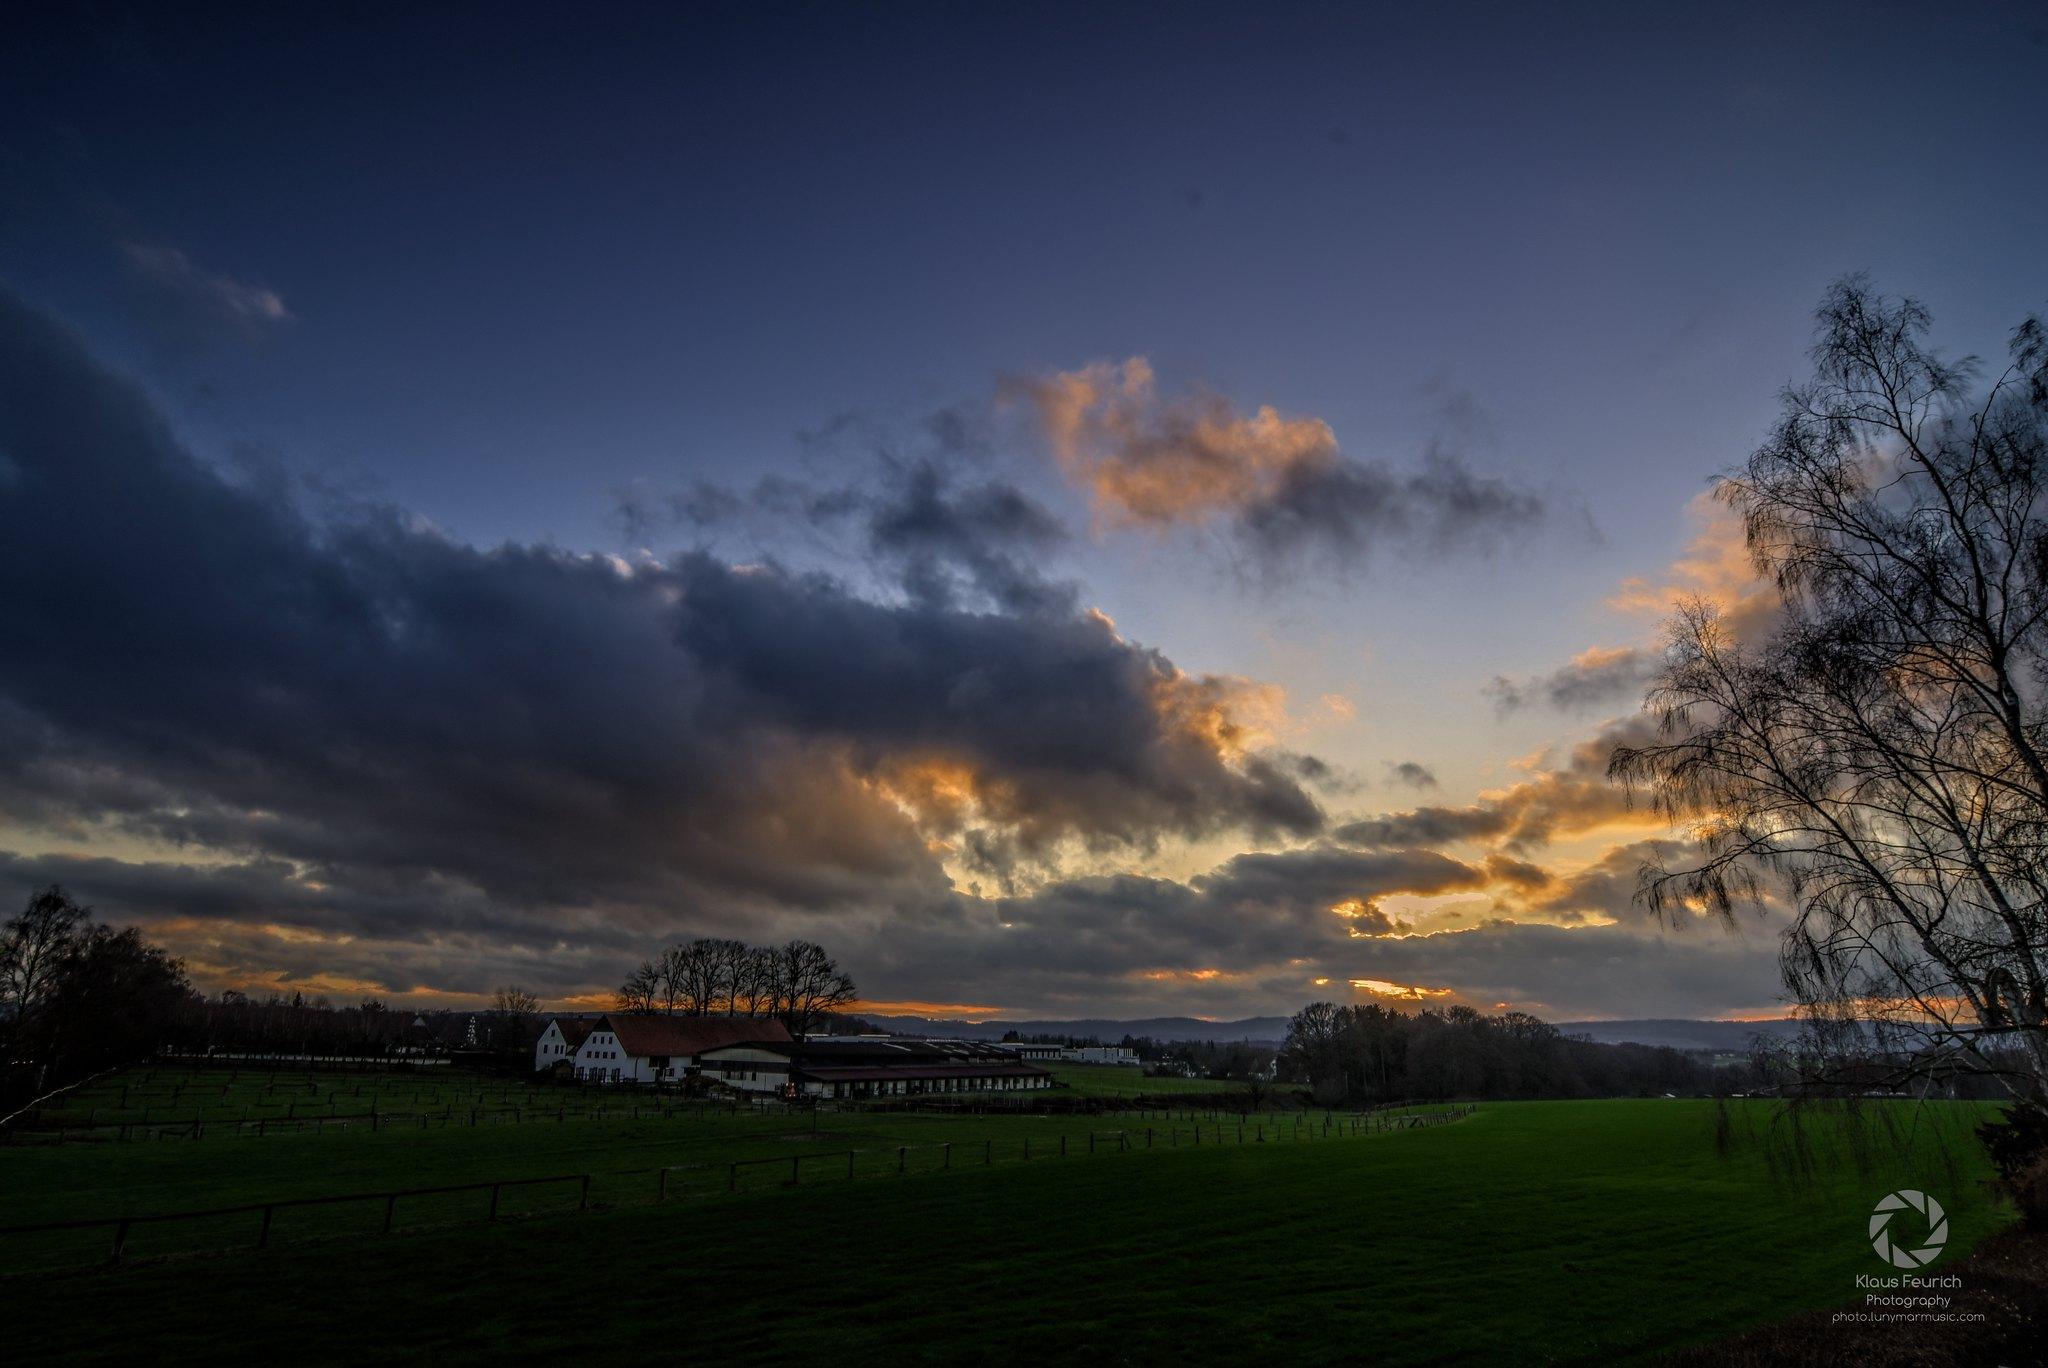 Sonnenuntergang im Dezember - Aufnahme mit Nikon D7500 und Tokina AT-X 124 AF PRO DX + Soft GND8 (Blende ƒ/11 - Brennweite 12mm - Verschlusszeit 1/40 - ISO 200)